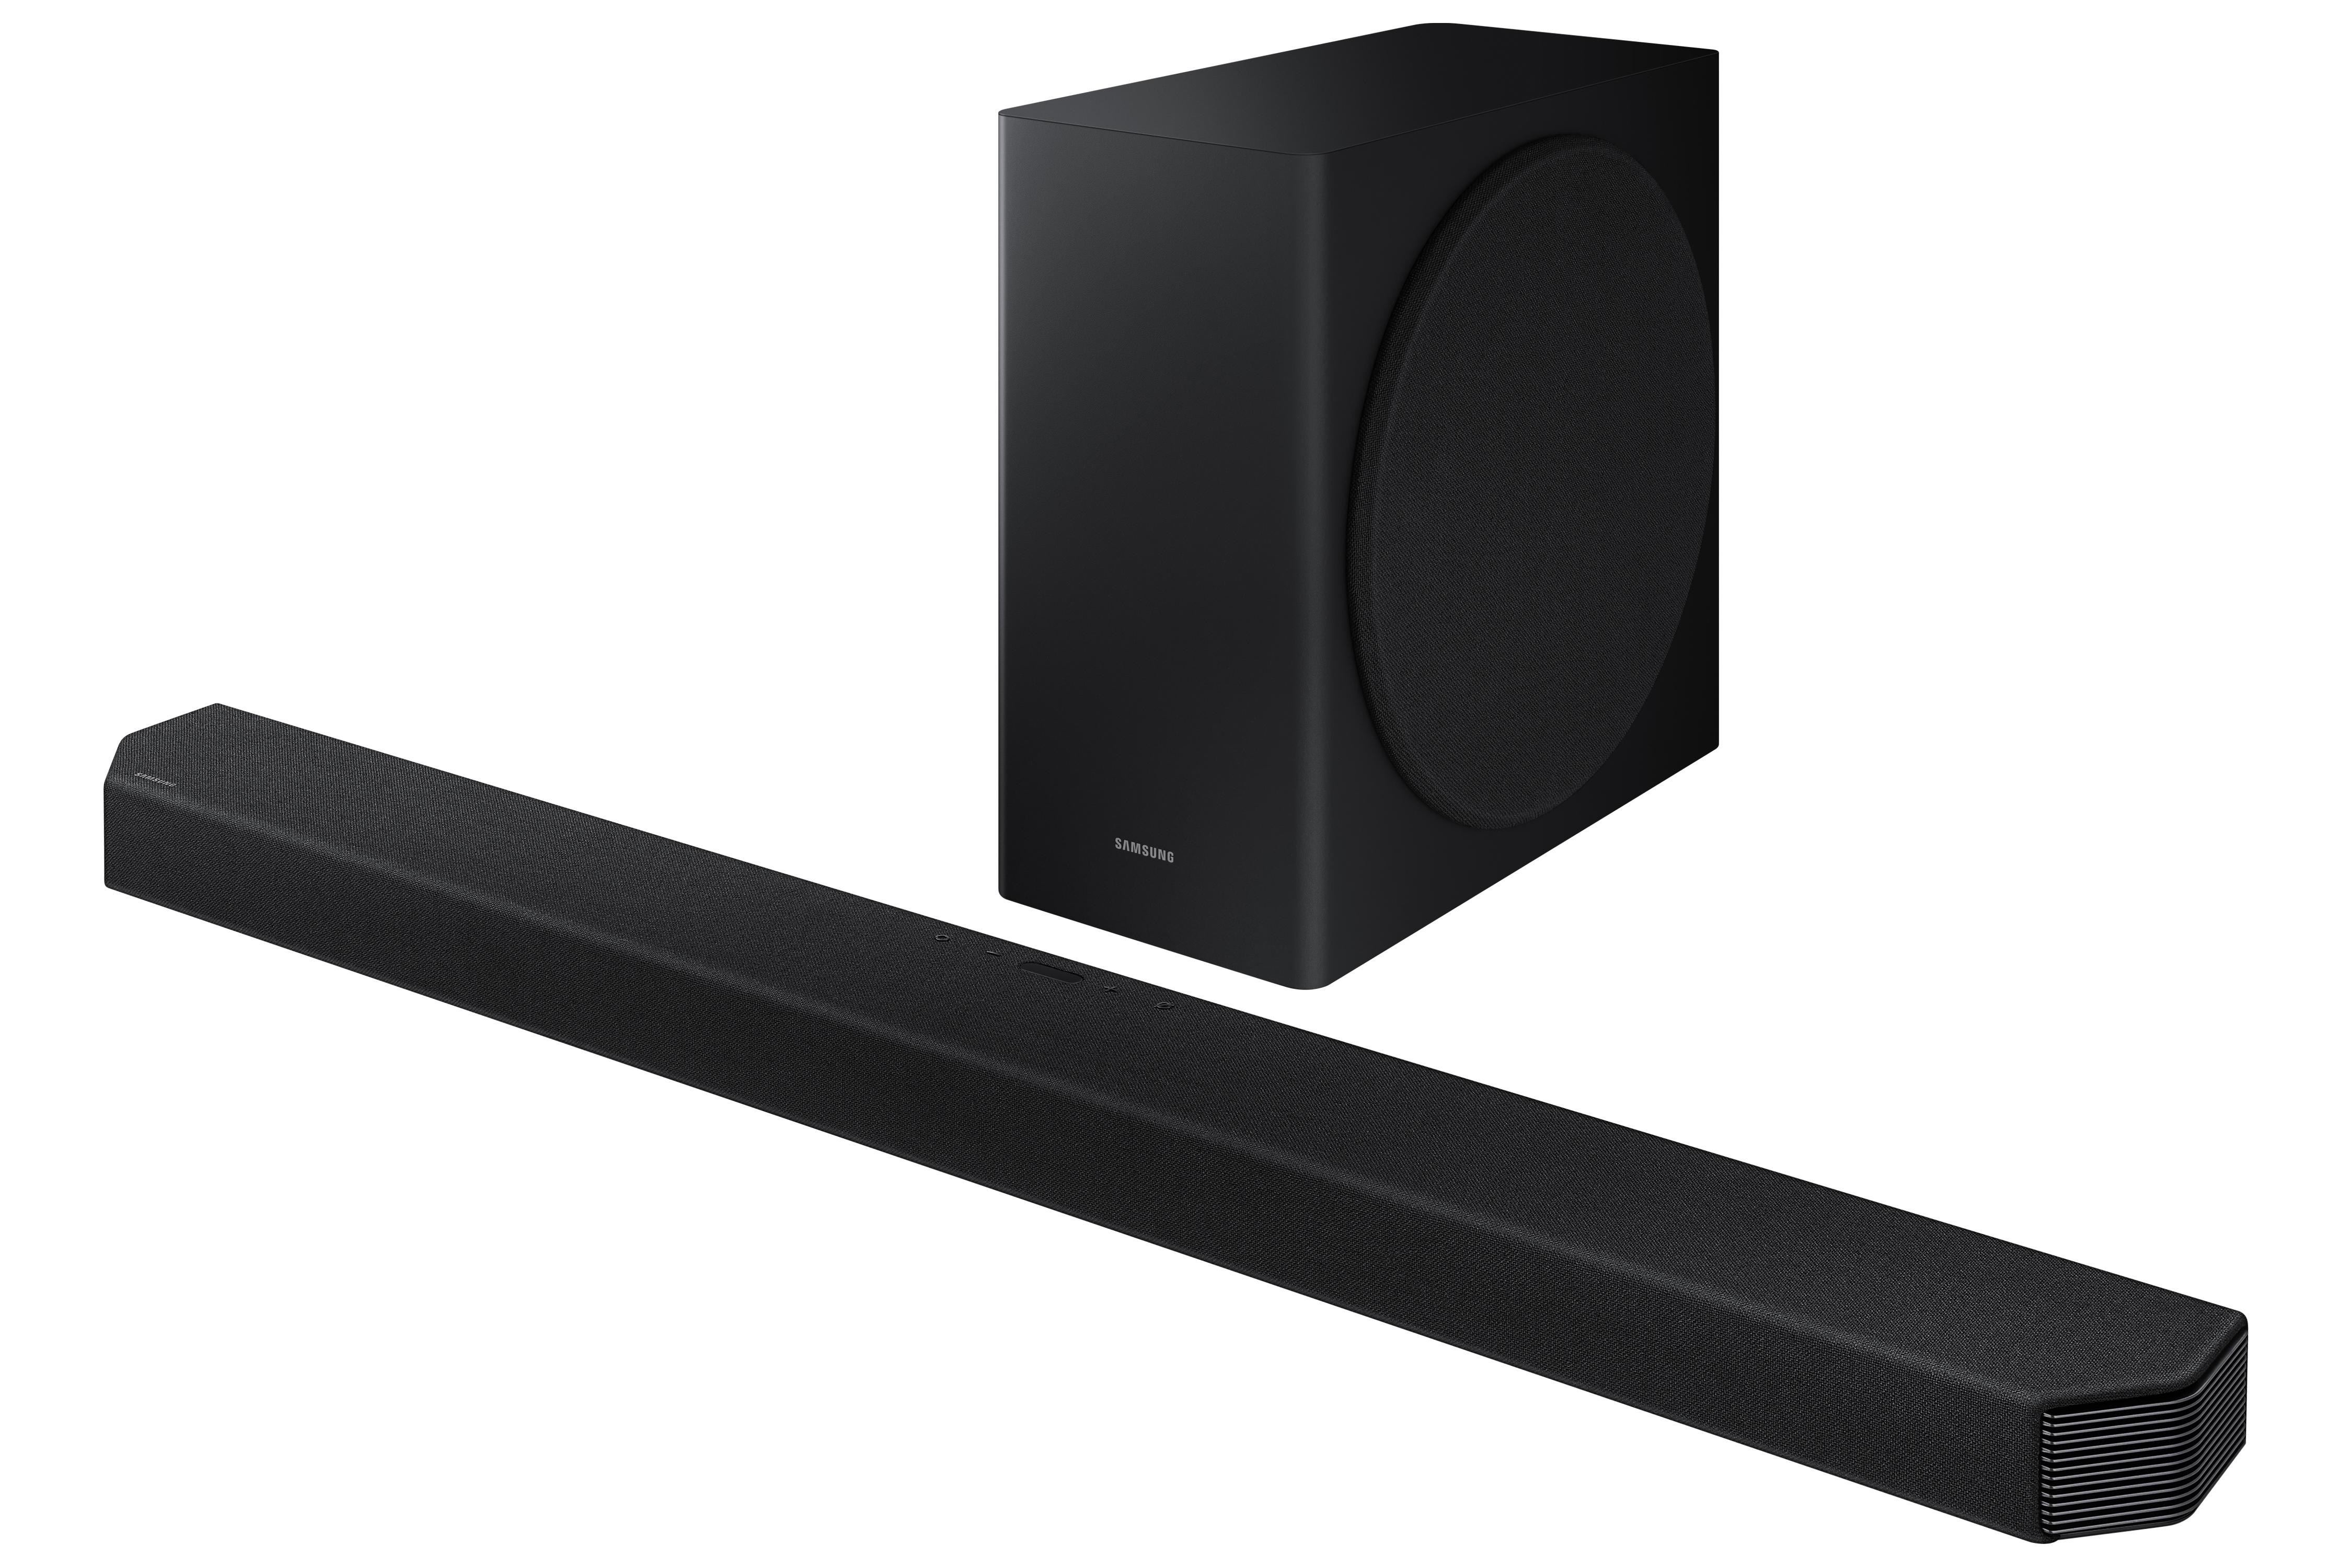 2020 Q-series soundbar HW-Q900T